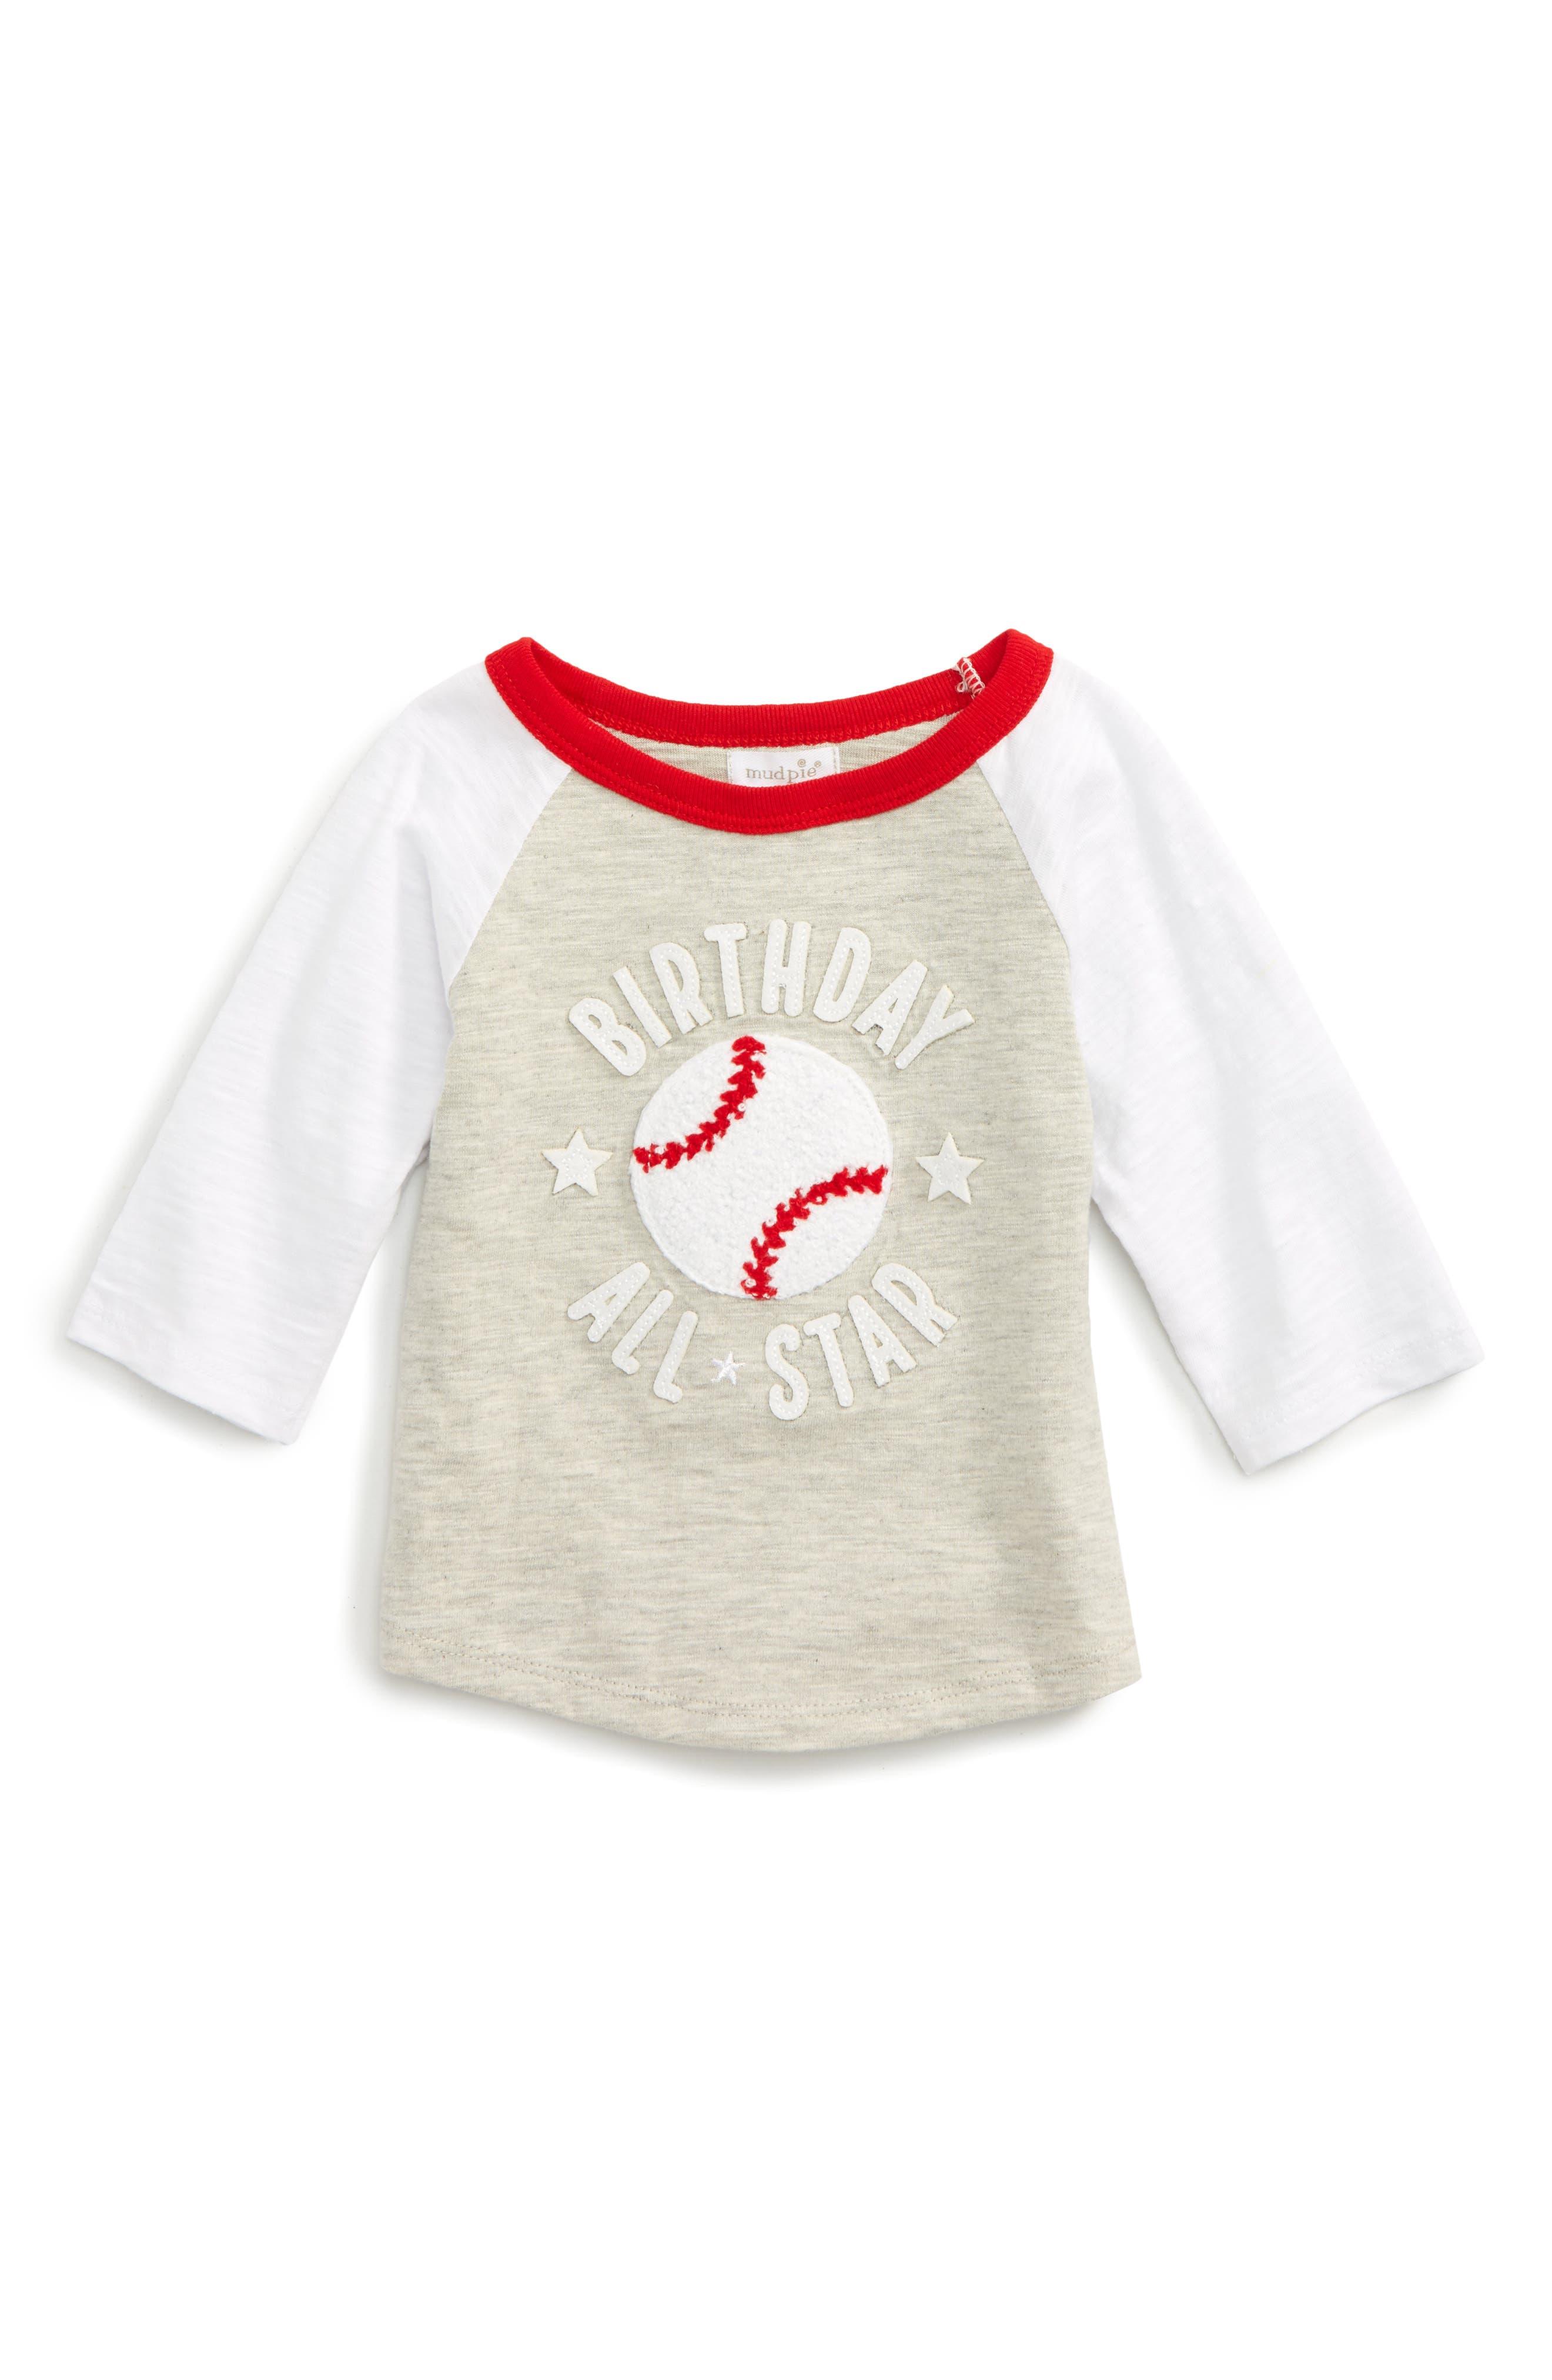 Mud Pie Birthday All Star T-Shirt (Baby)